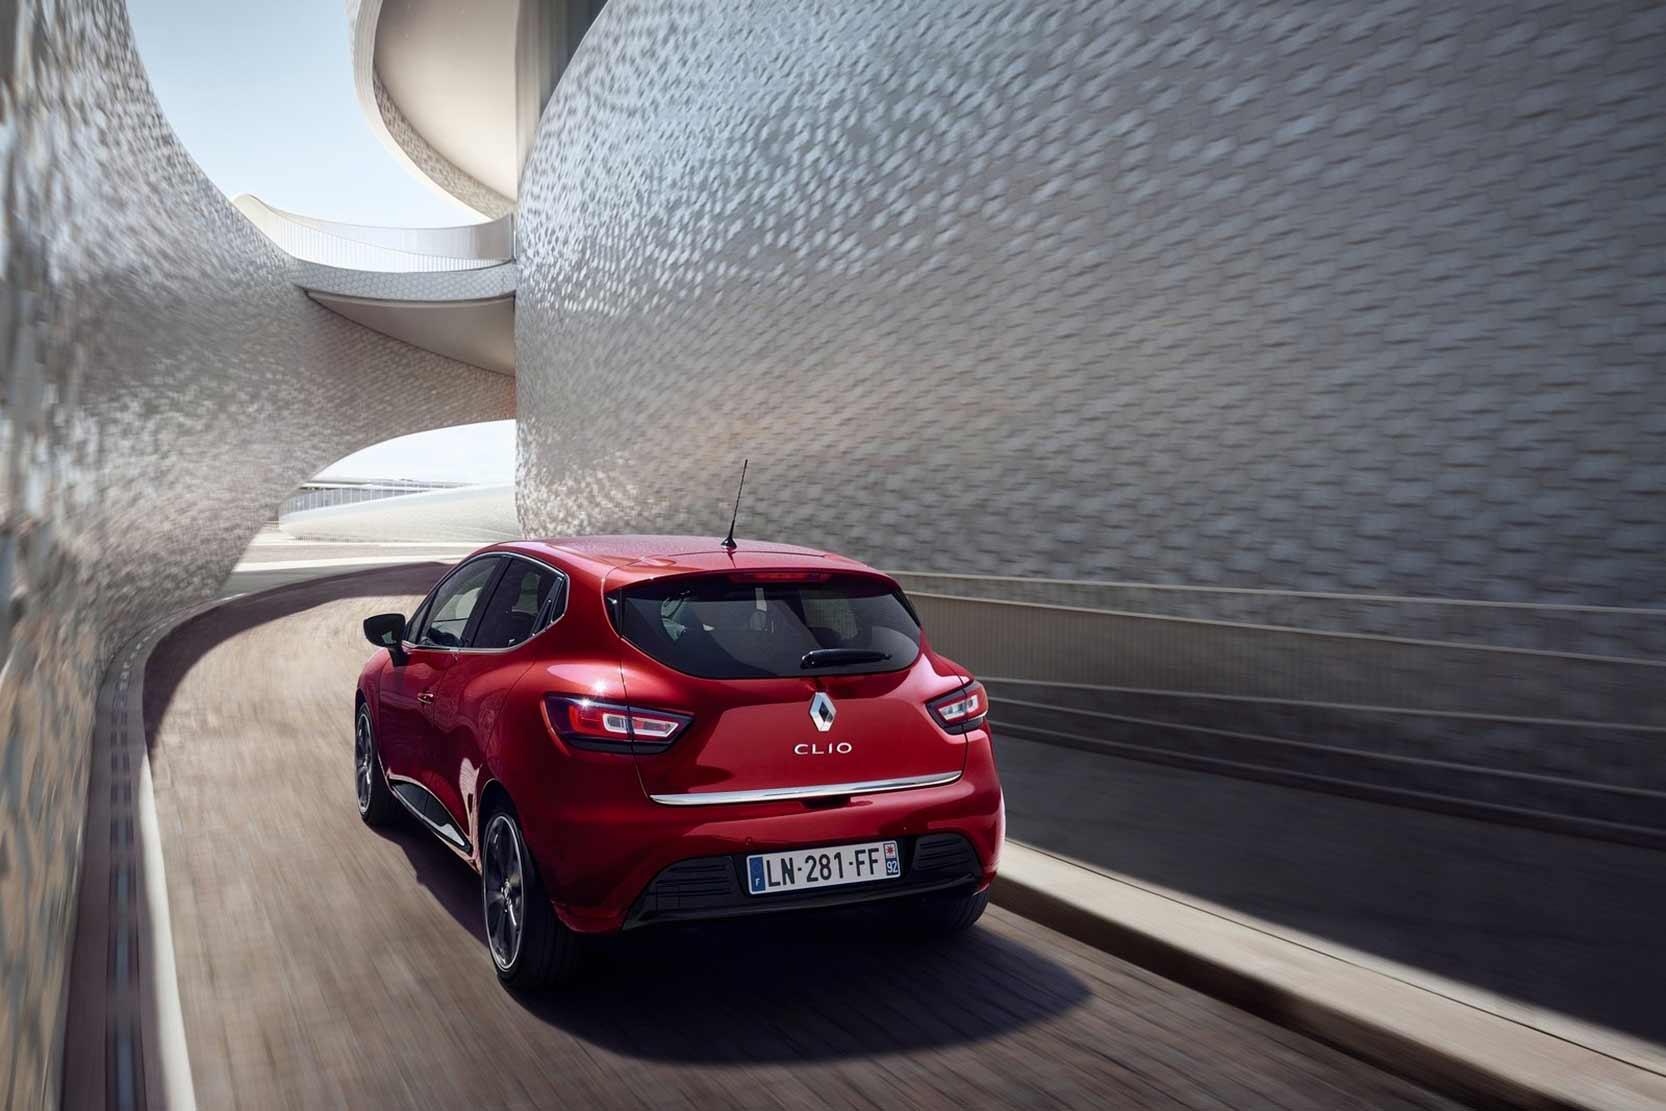 Fiche Technique Renault Clio 1 5 Dci 75 Energy 2017